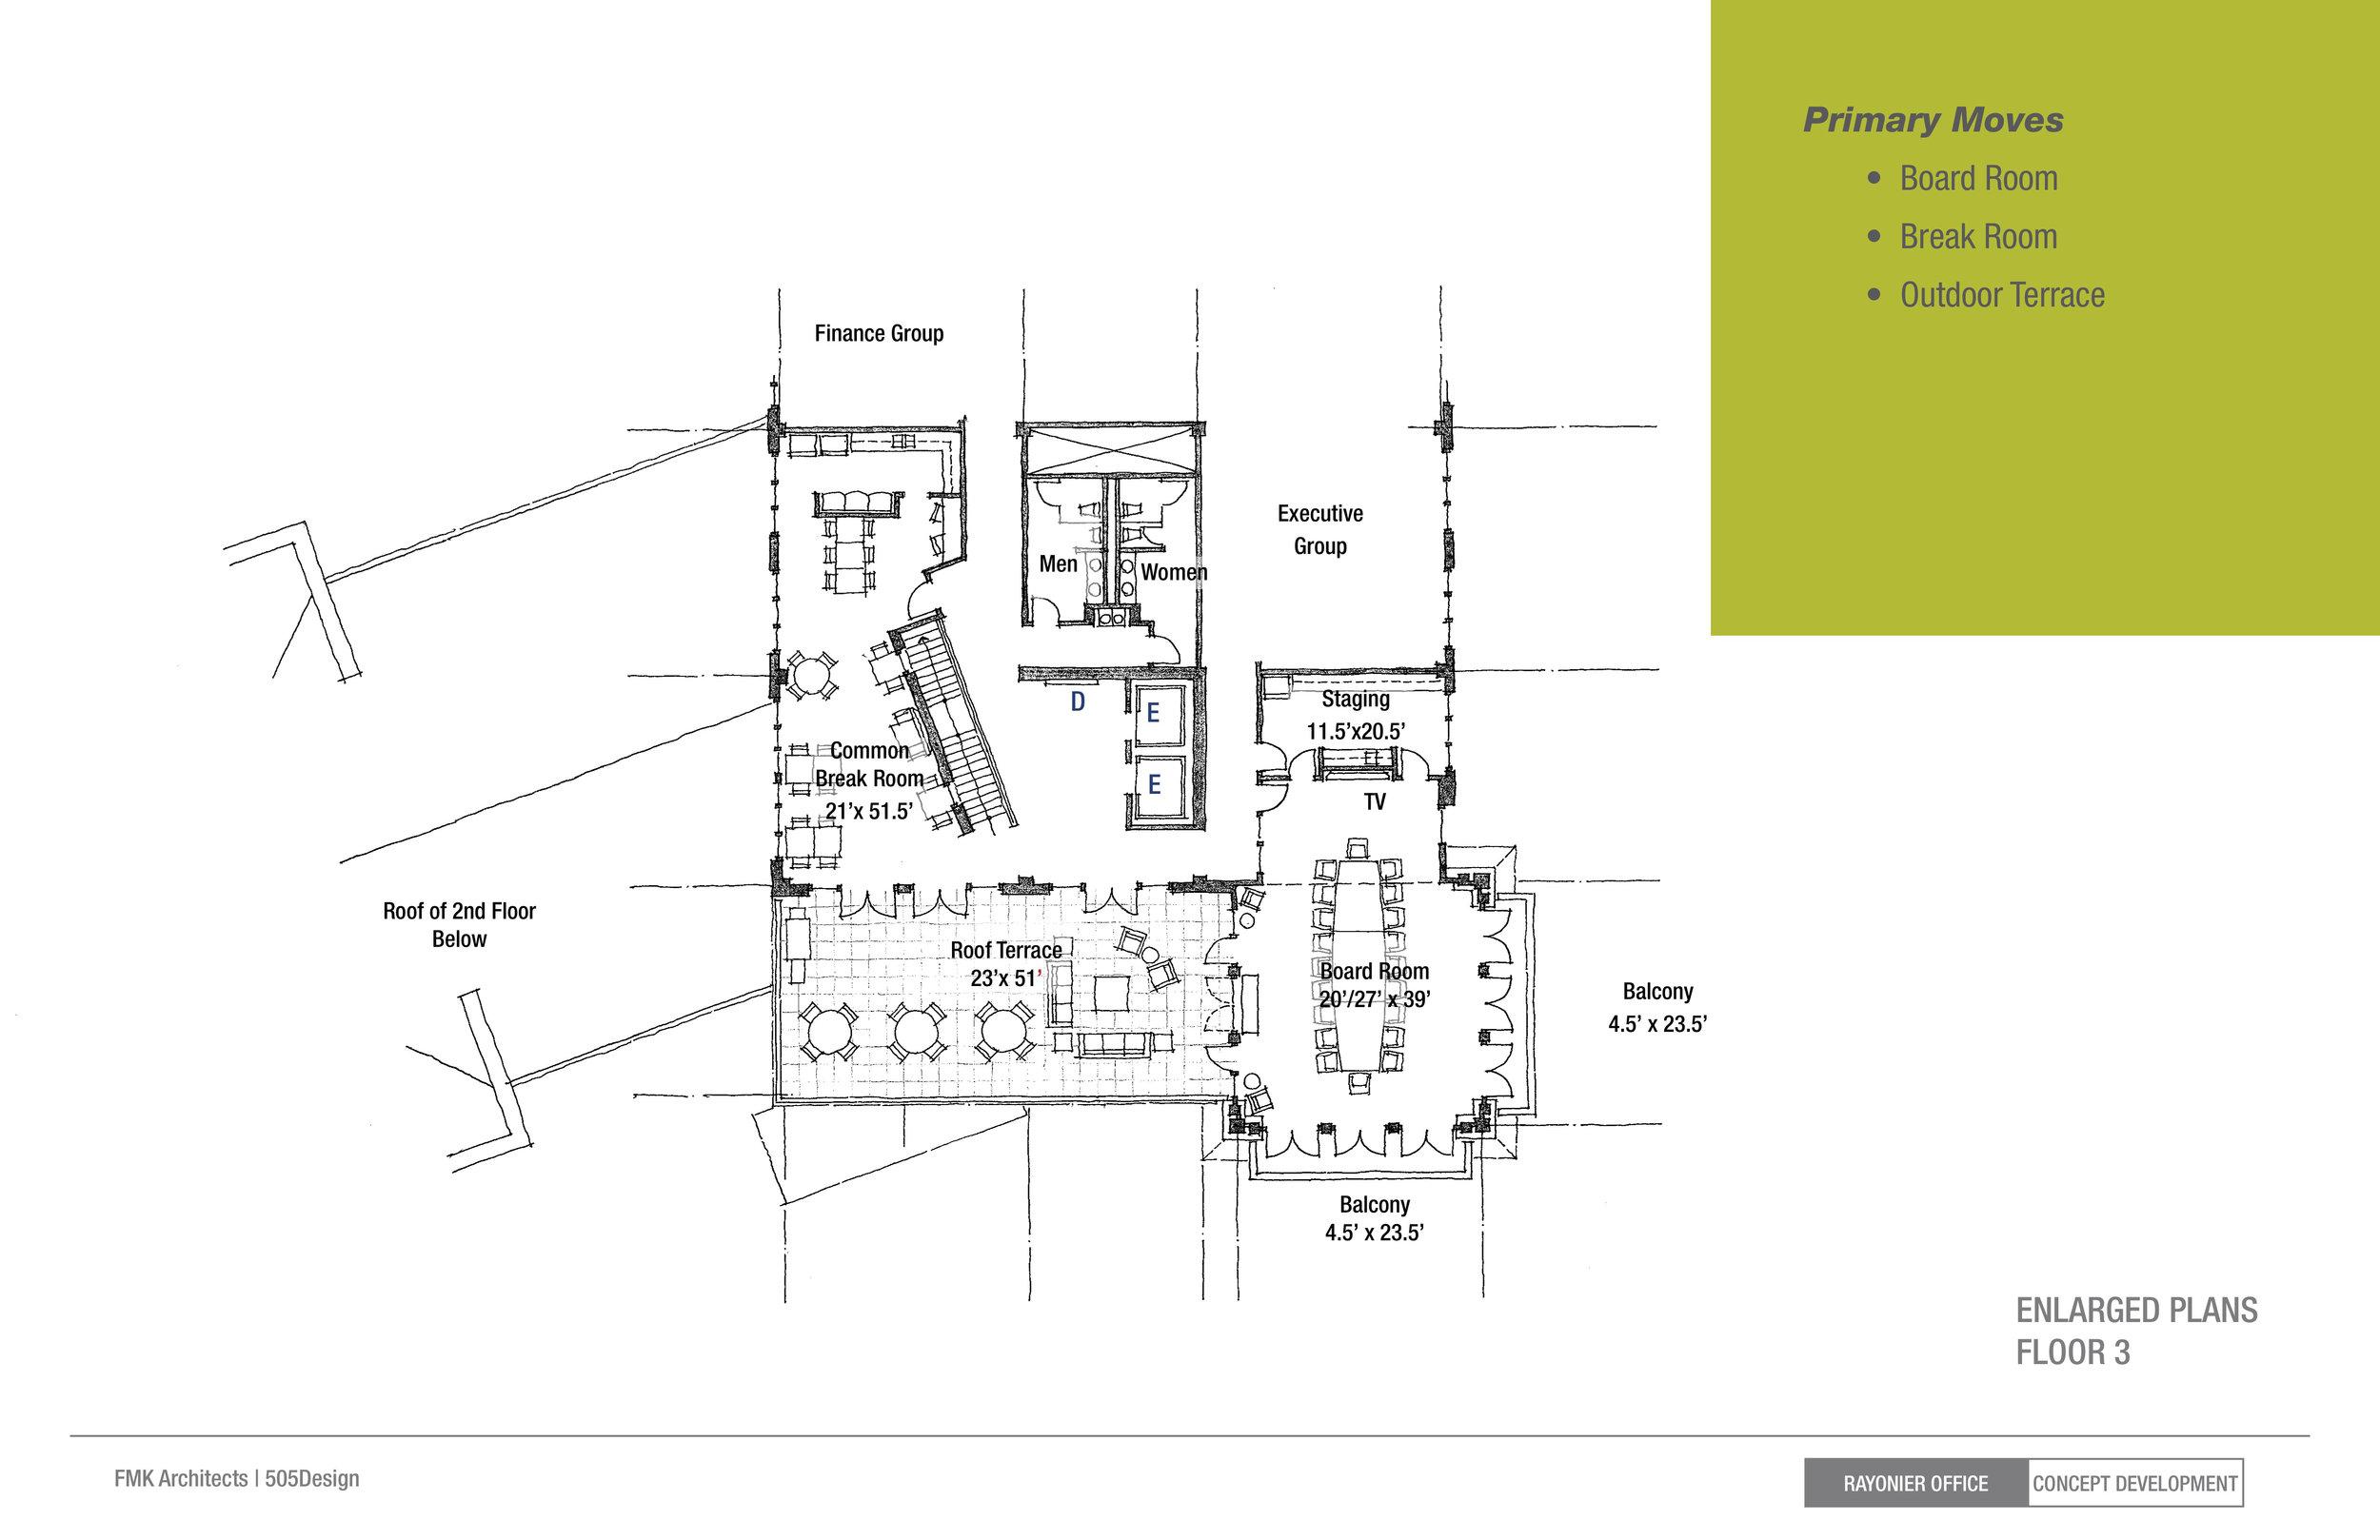 primarymoves-floor3.jpg